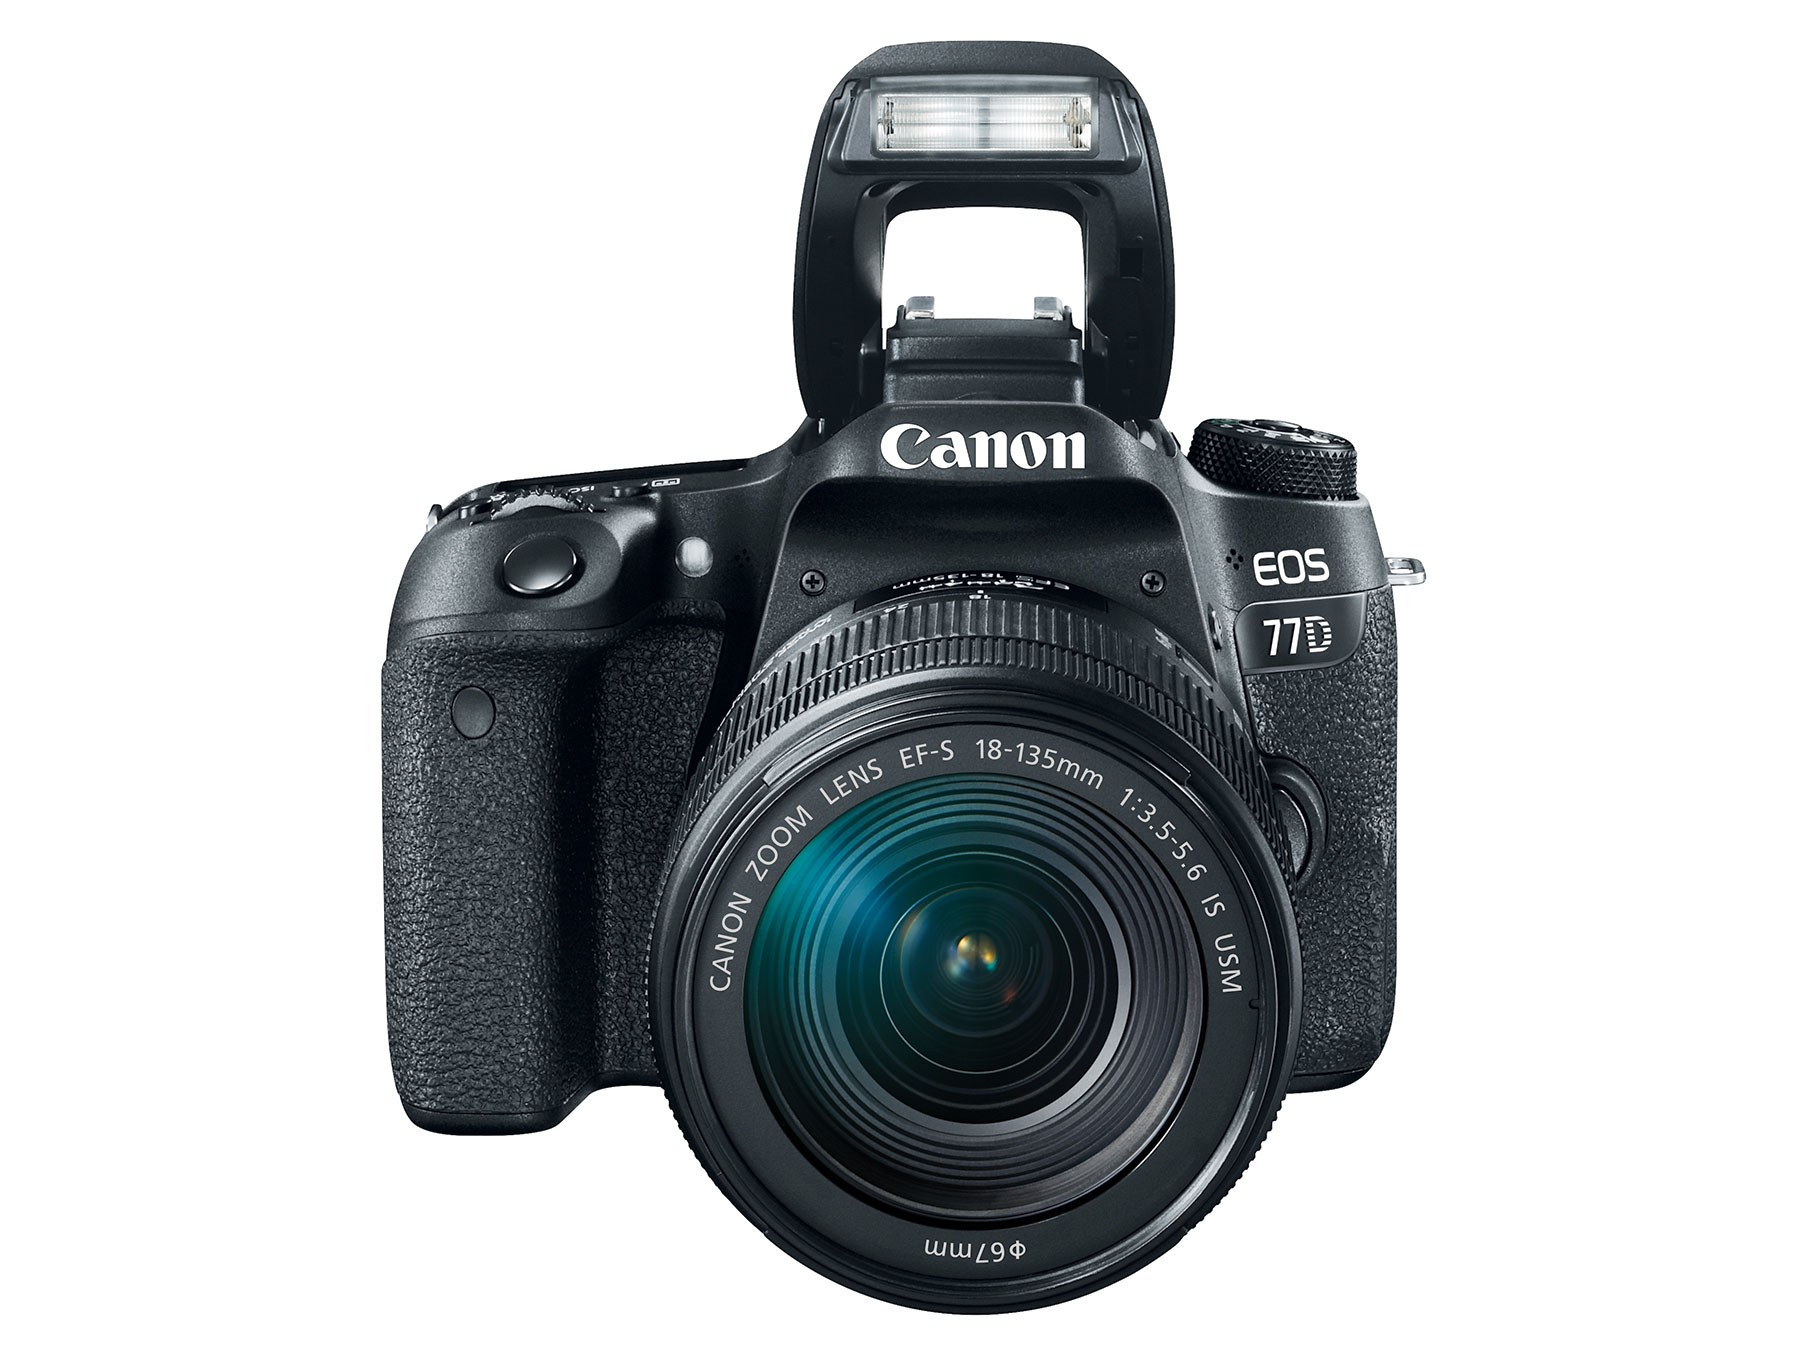 3972120_canon_eos_77d__-_camera-tinhte-vn_2